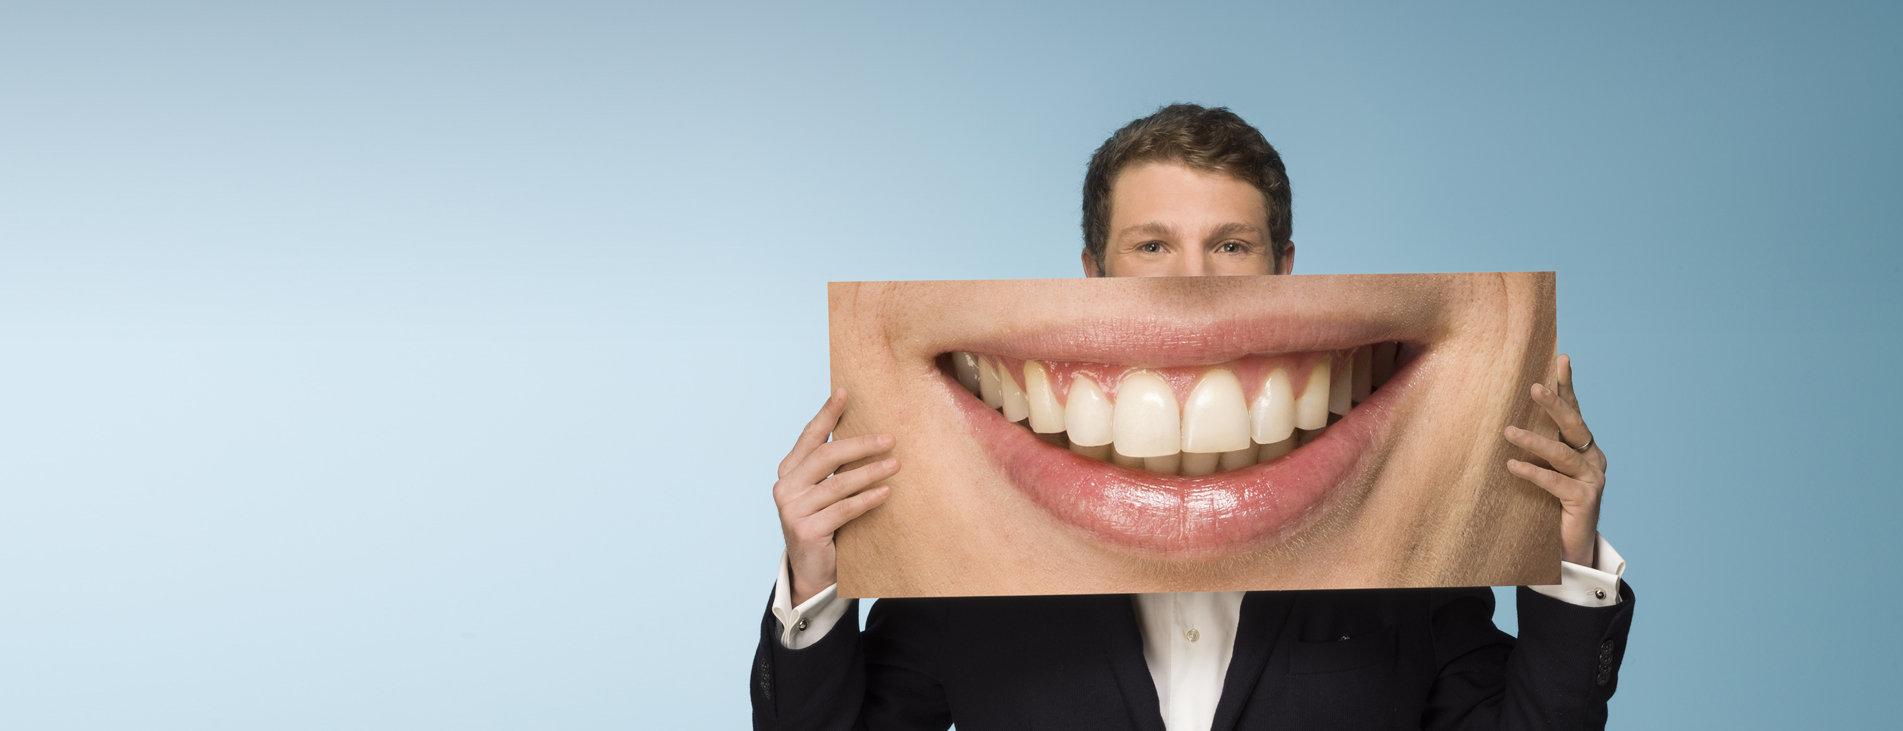 Il sorriso che desideri<br/>con l'ortodonzia tasparente